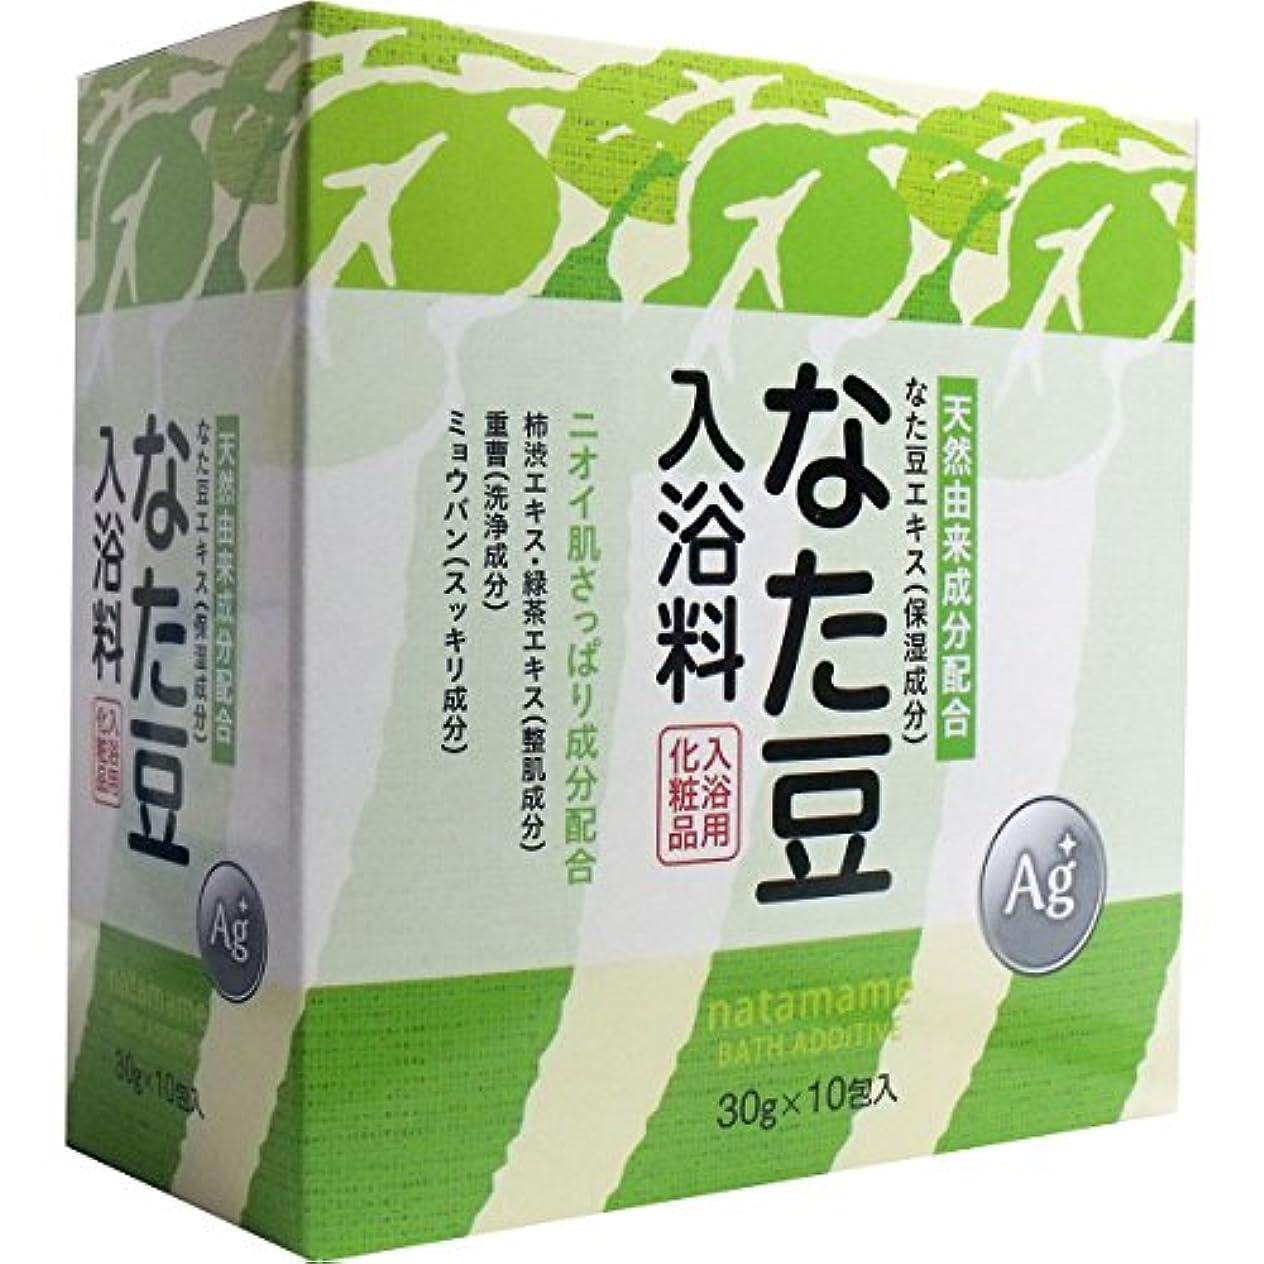 主要なホイップ波紋なた豆入浴料 入浴用化粧品 30g×10包入×10